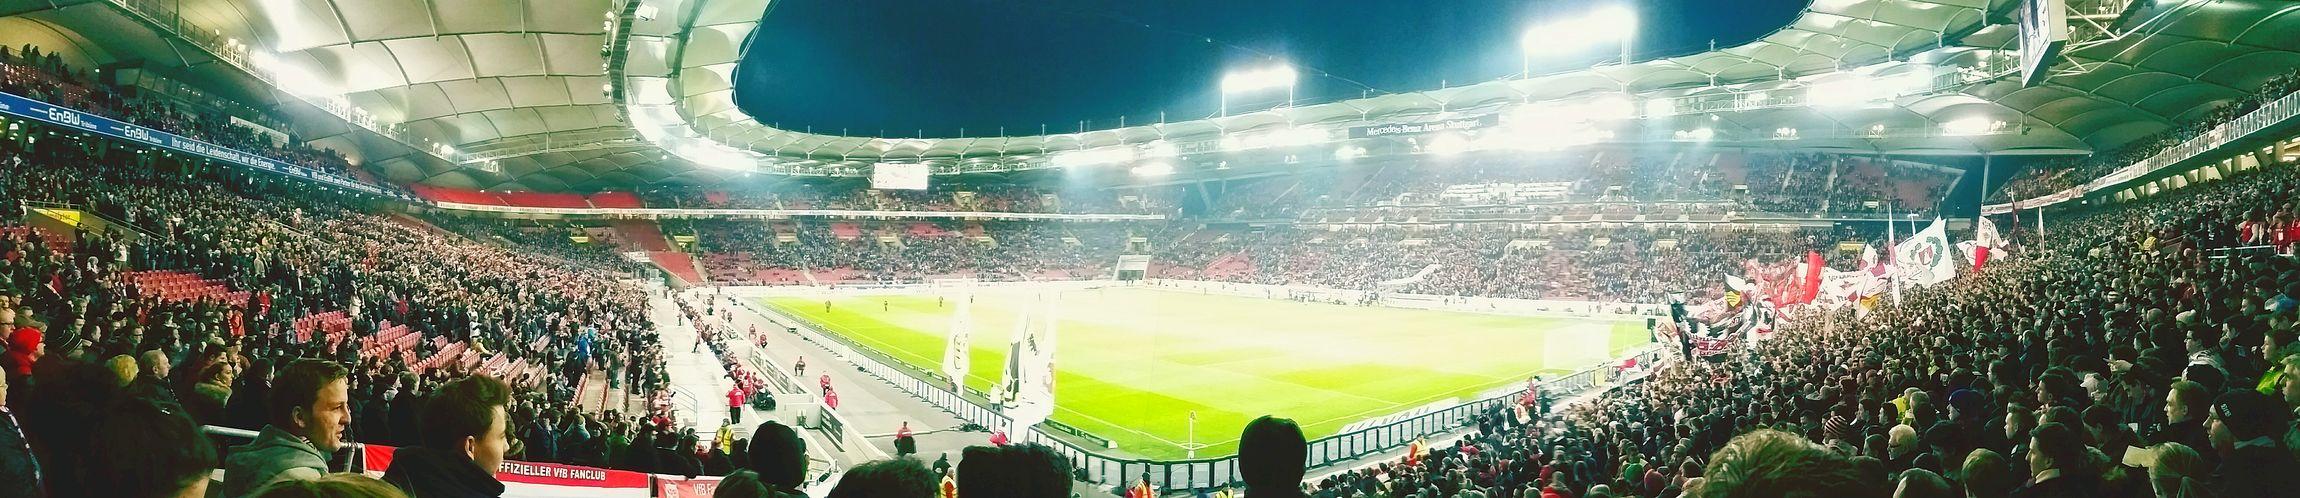 Fußball Ist Nicht Nur Ein Sport, Sondern Leidenschaft